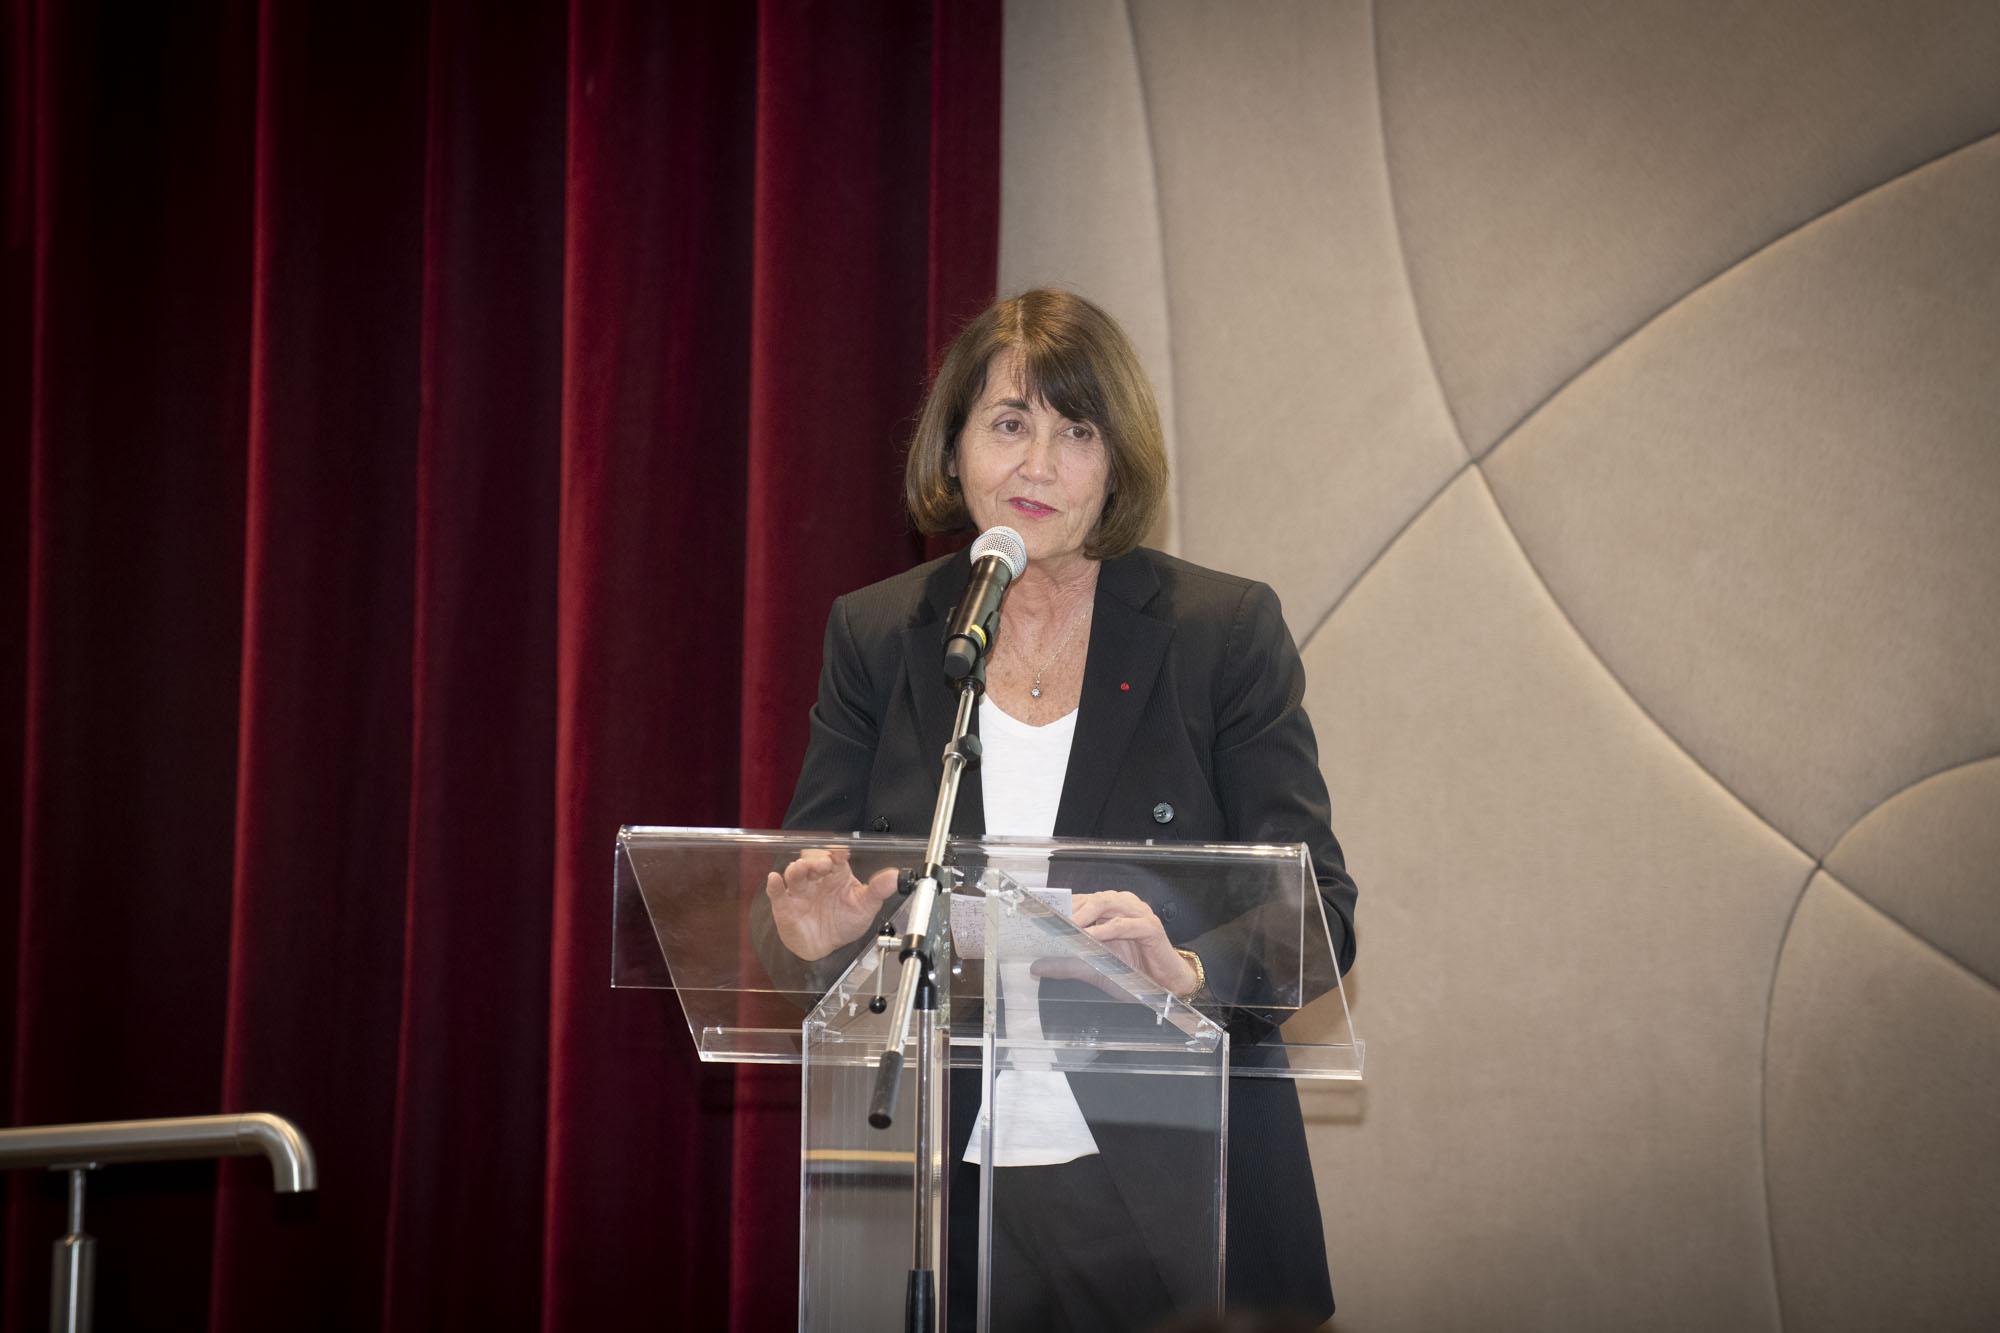 20 ans de l'OPE au siege de l'Oreal a Levallois-Perret. Christine Albanel Le 22/01/2019